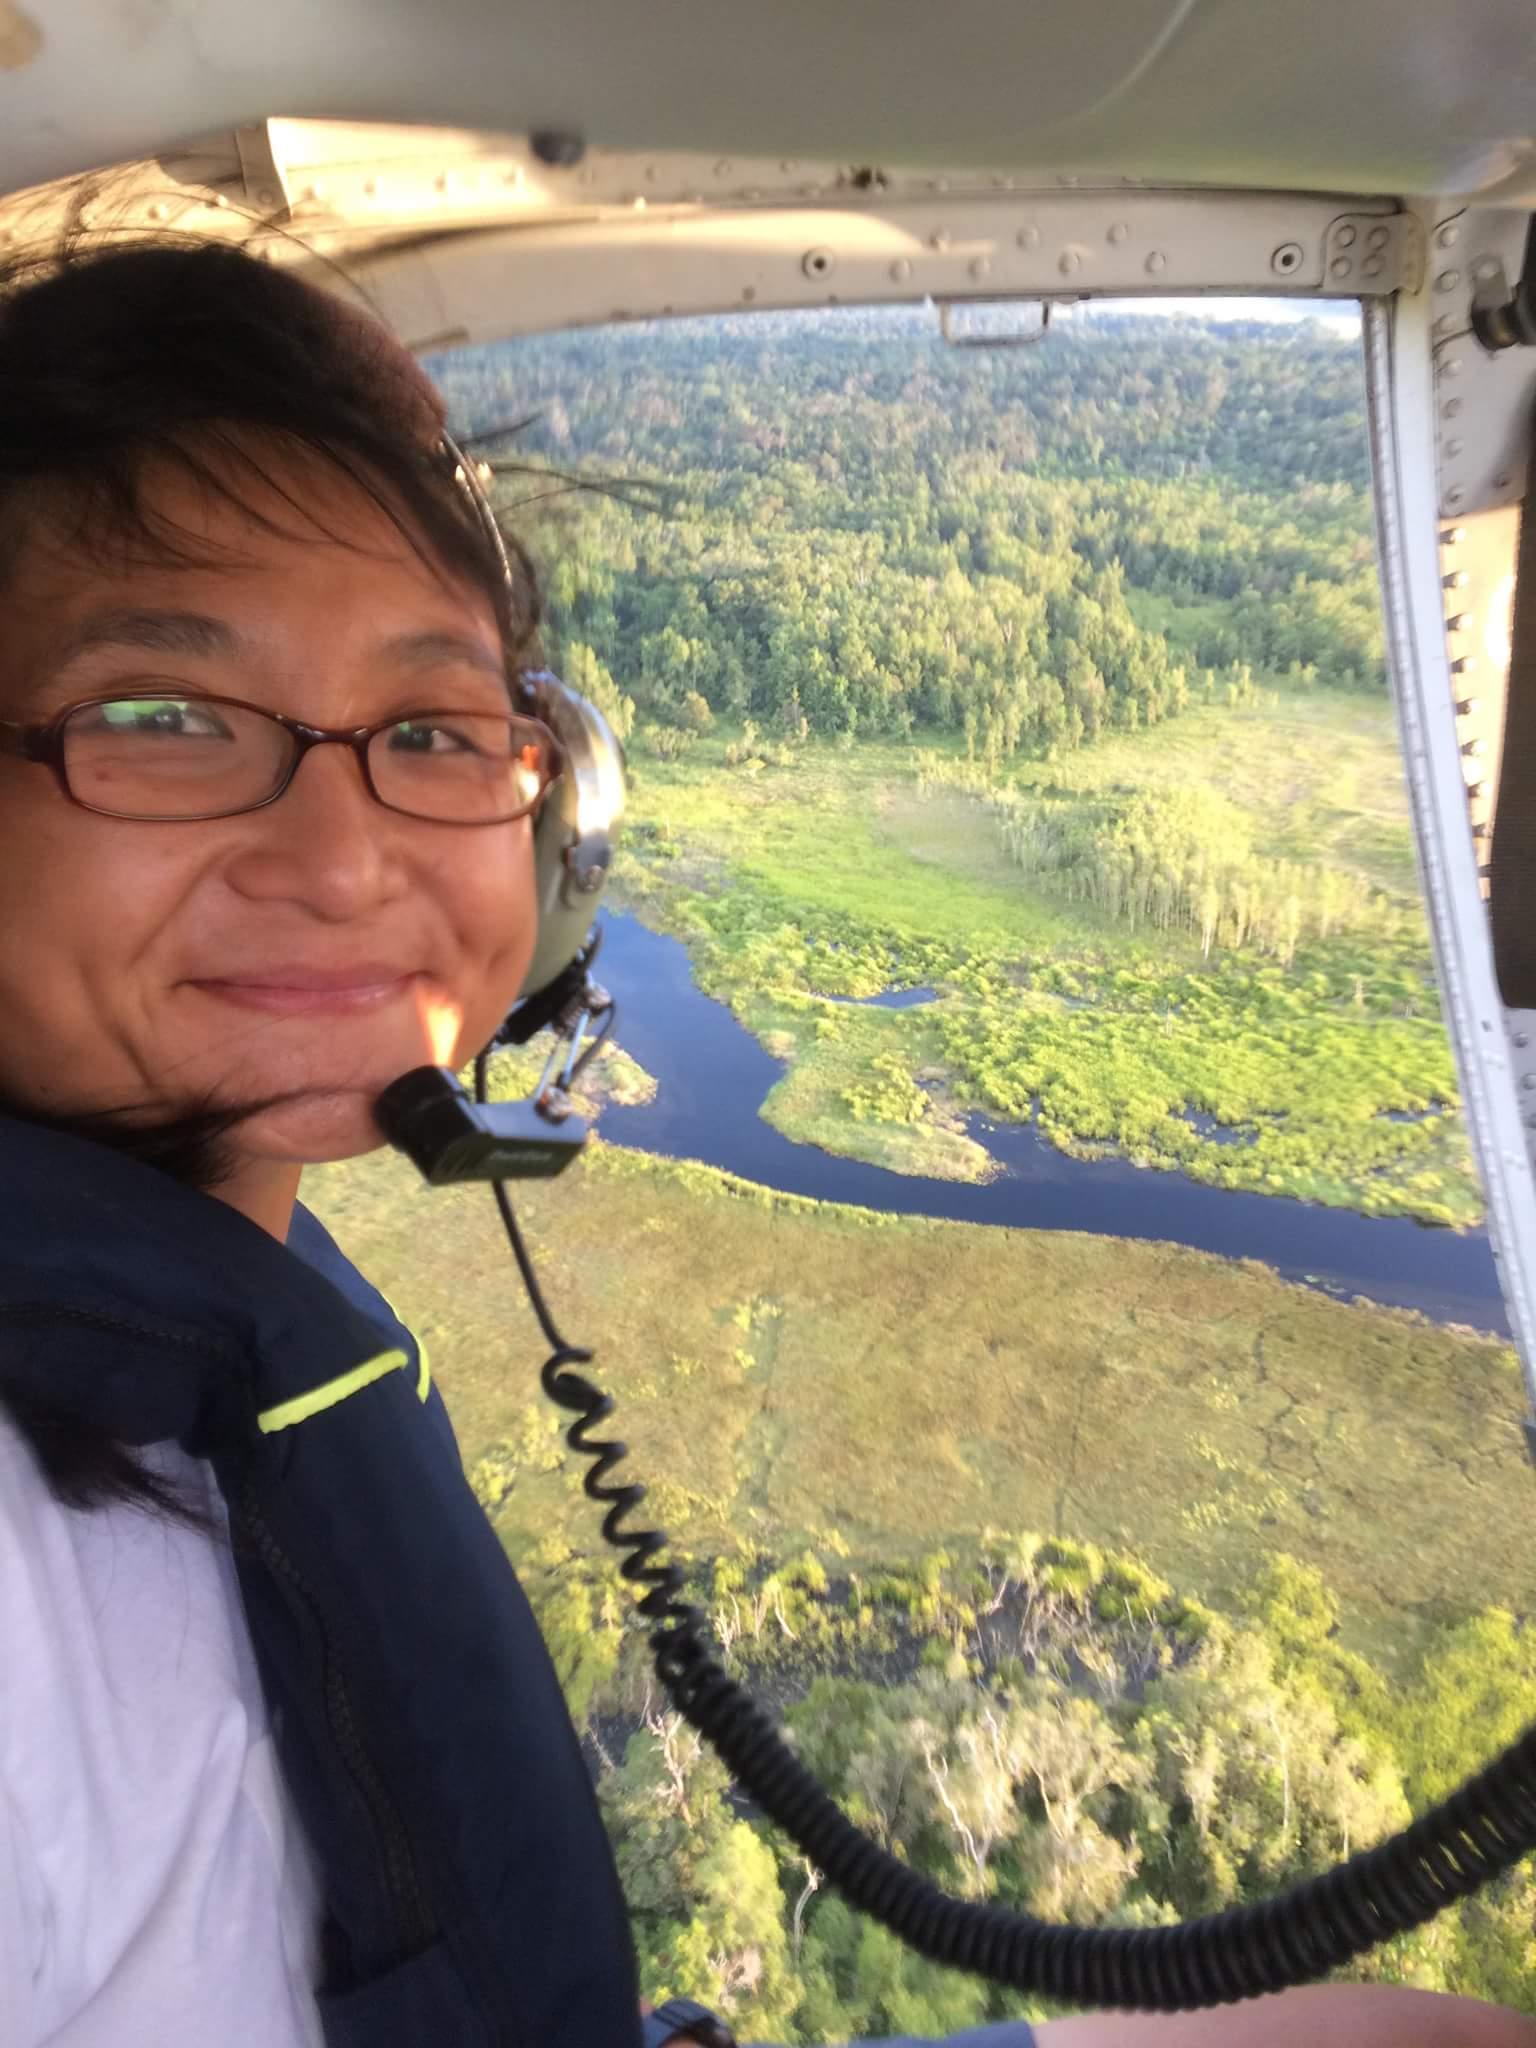 小豚(黃懿萱)前往印尼熱帶雨林,參與調查棕櫚油企業砍伐雨林,並蒐集實證。